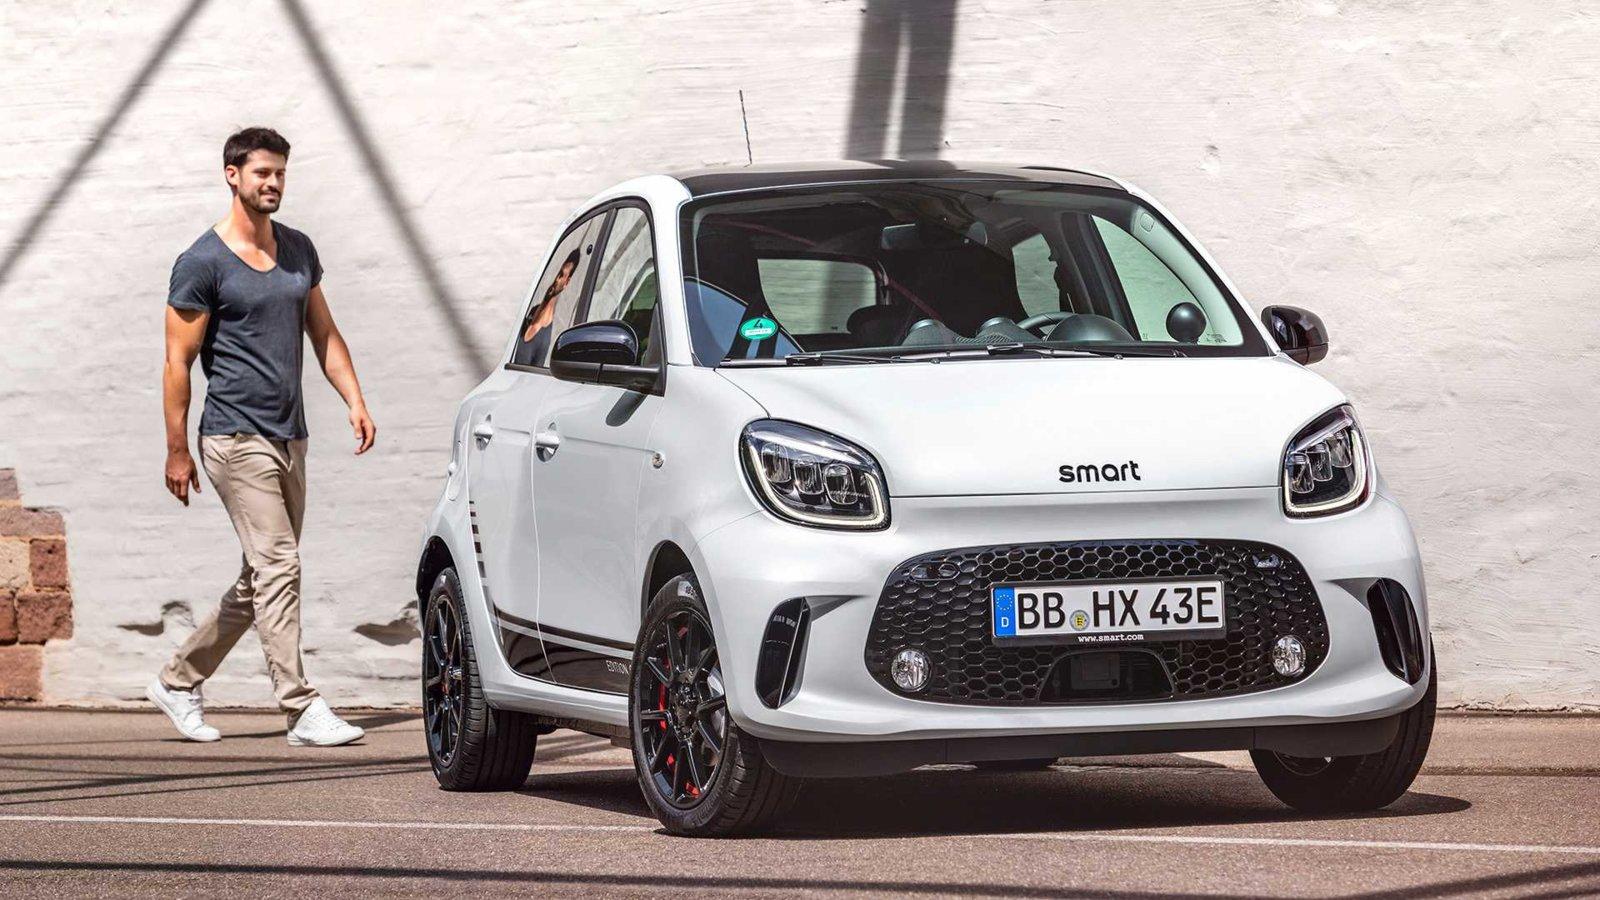 smart-facelift-2019-jpg.5638